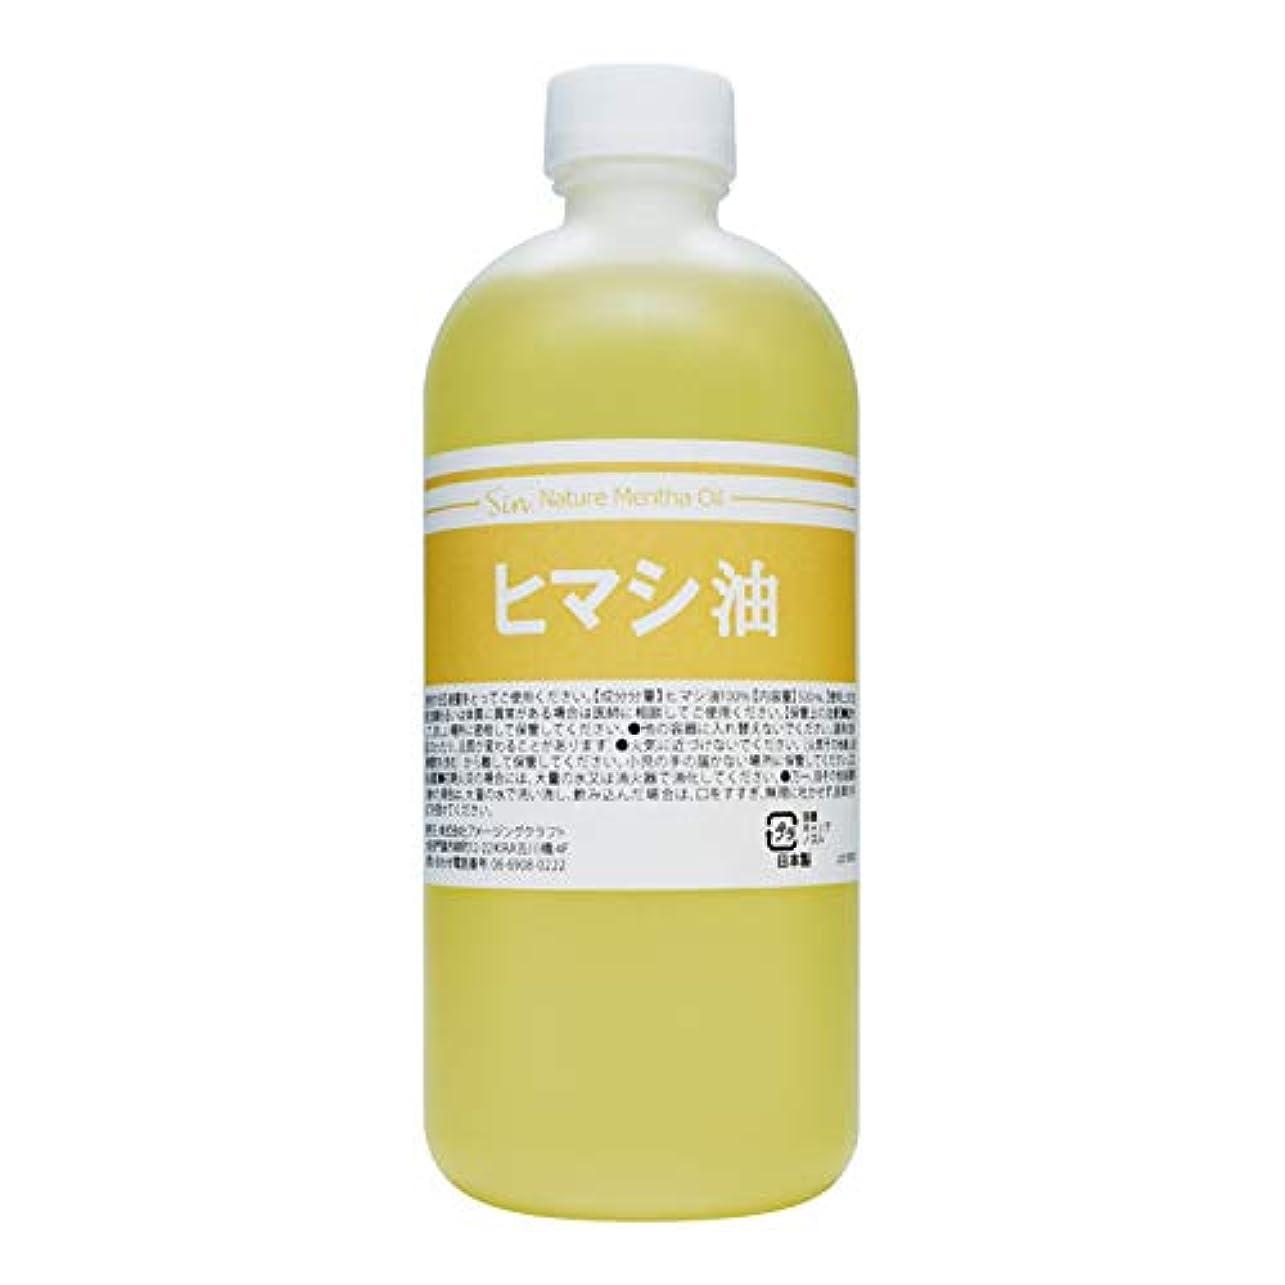 干渉苦副天然無添加 国内精製 ひまし油 500ml (ヒマシ油 キャスターオイル)